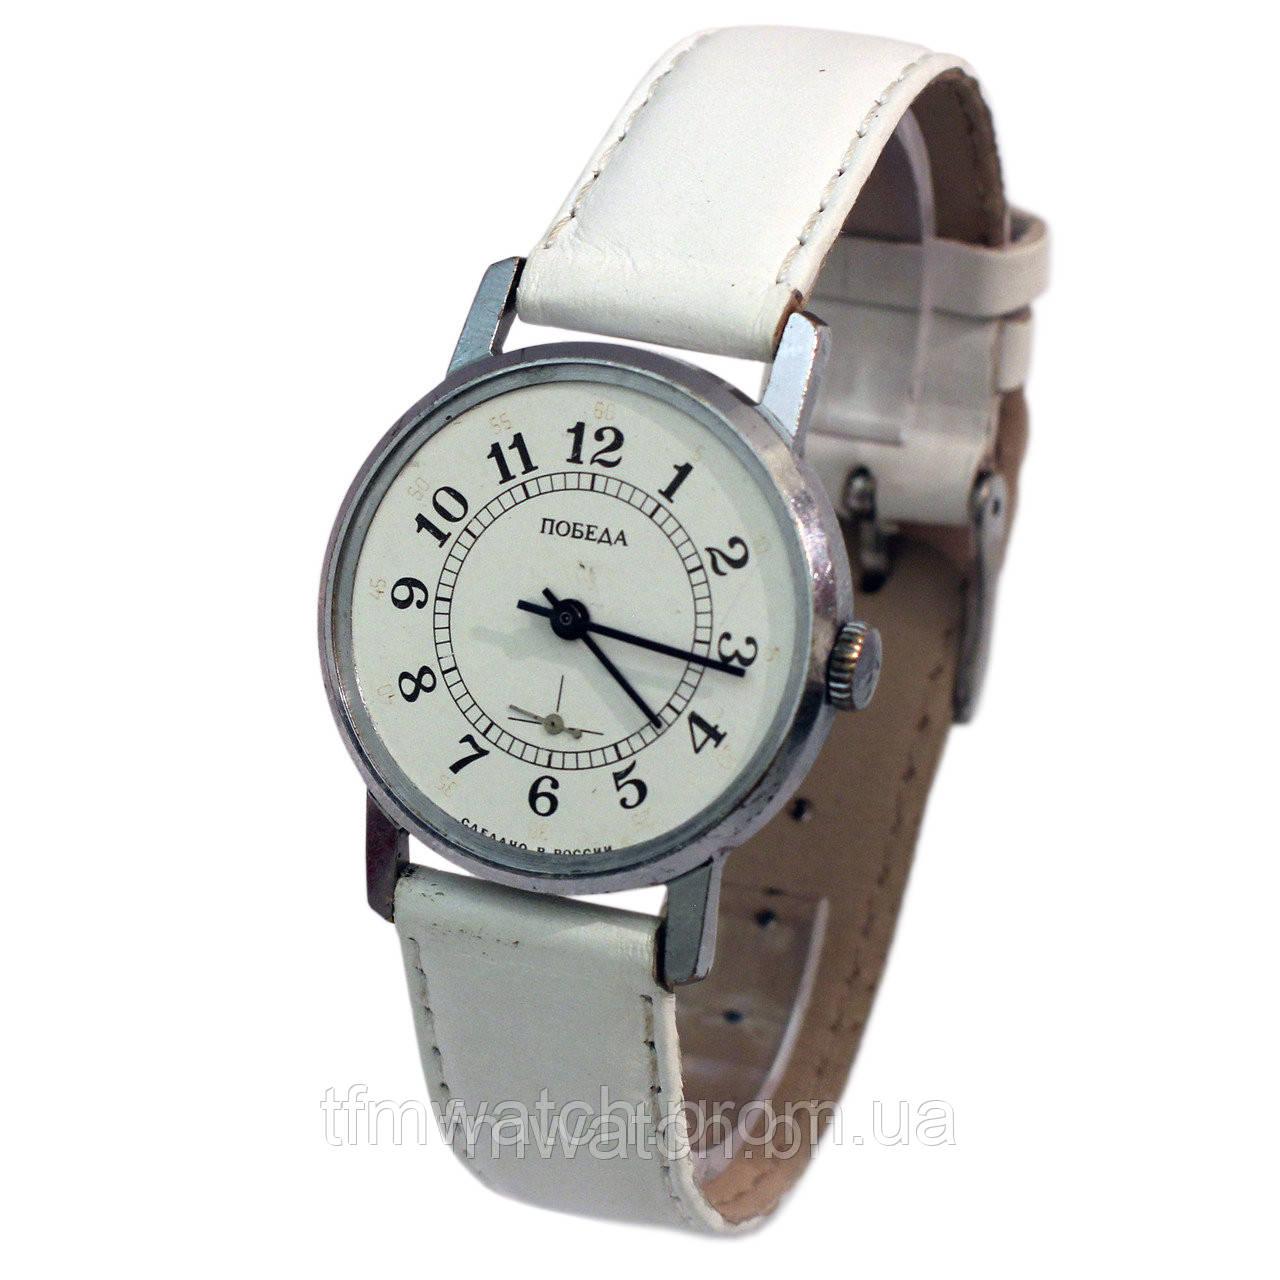 Стоимость производства лучшие российского часы часы новочеркасск продам